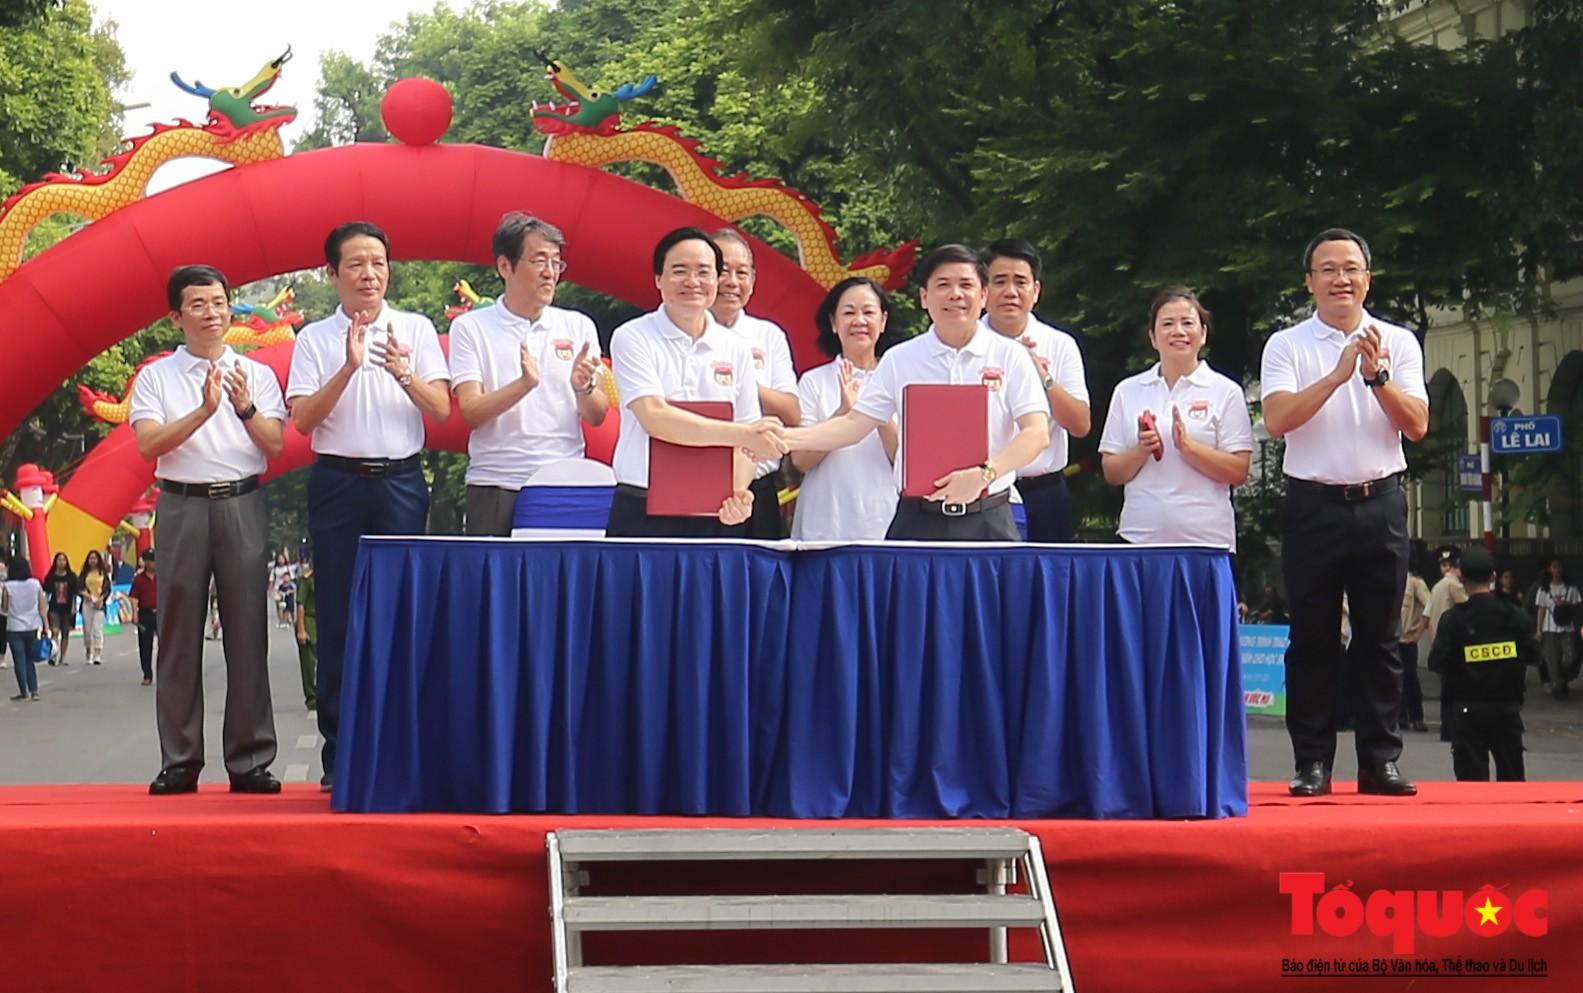 """Gần 4000 em nhỏ cùng gia đình đi bộ vận động toàn dân""""Đội mũ bảo hiểm cho trẻ em"""" (6)"""